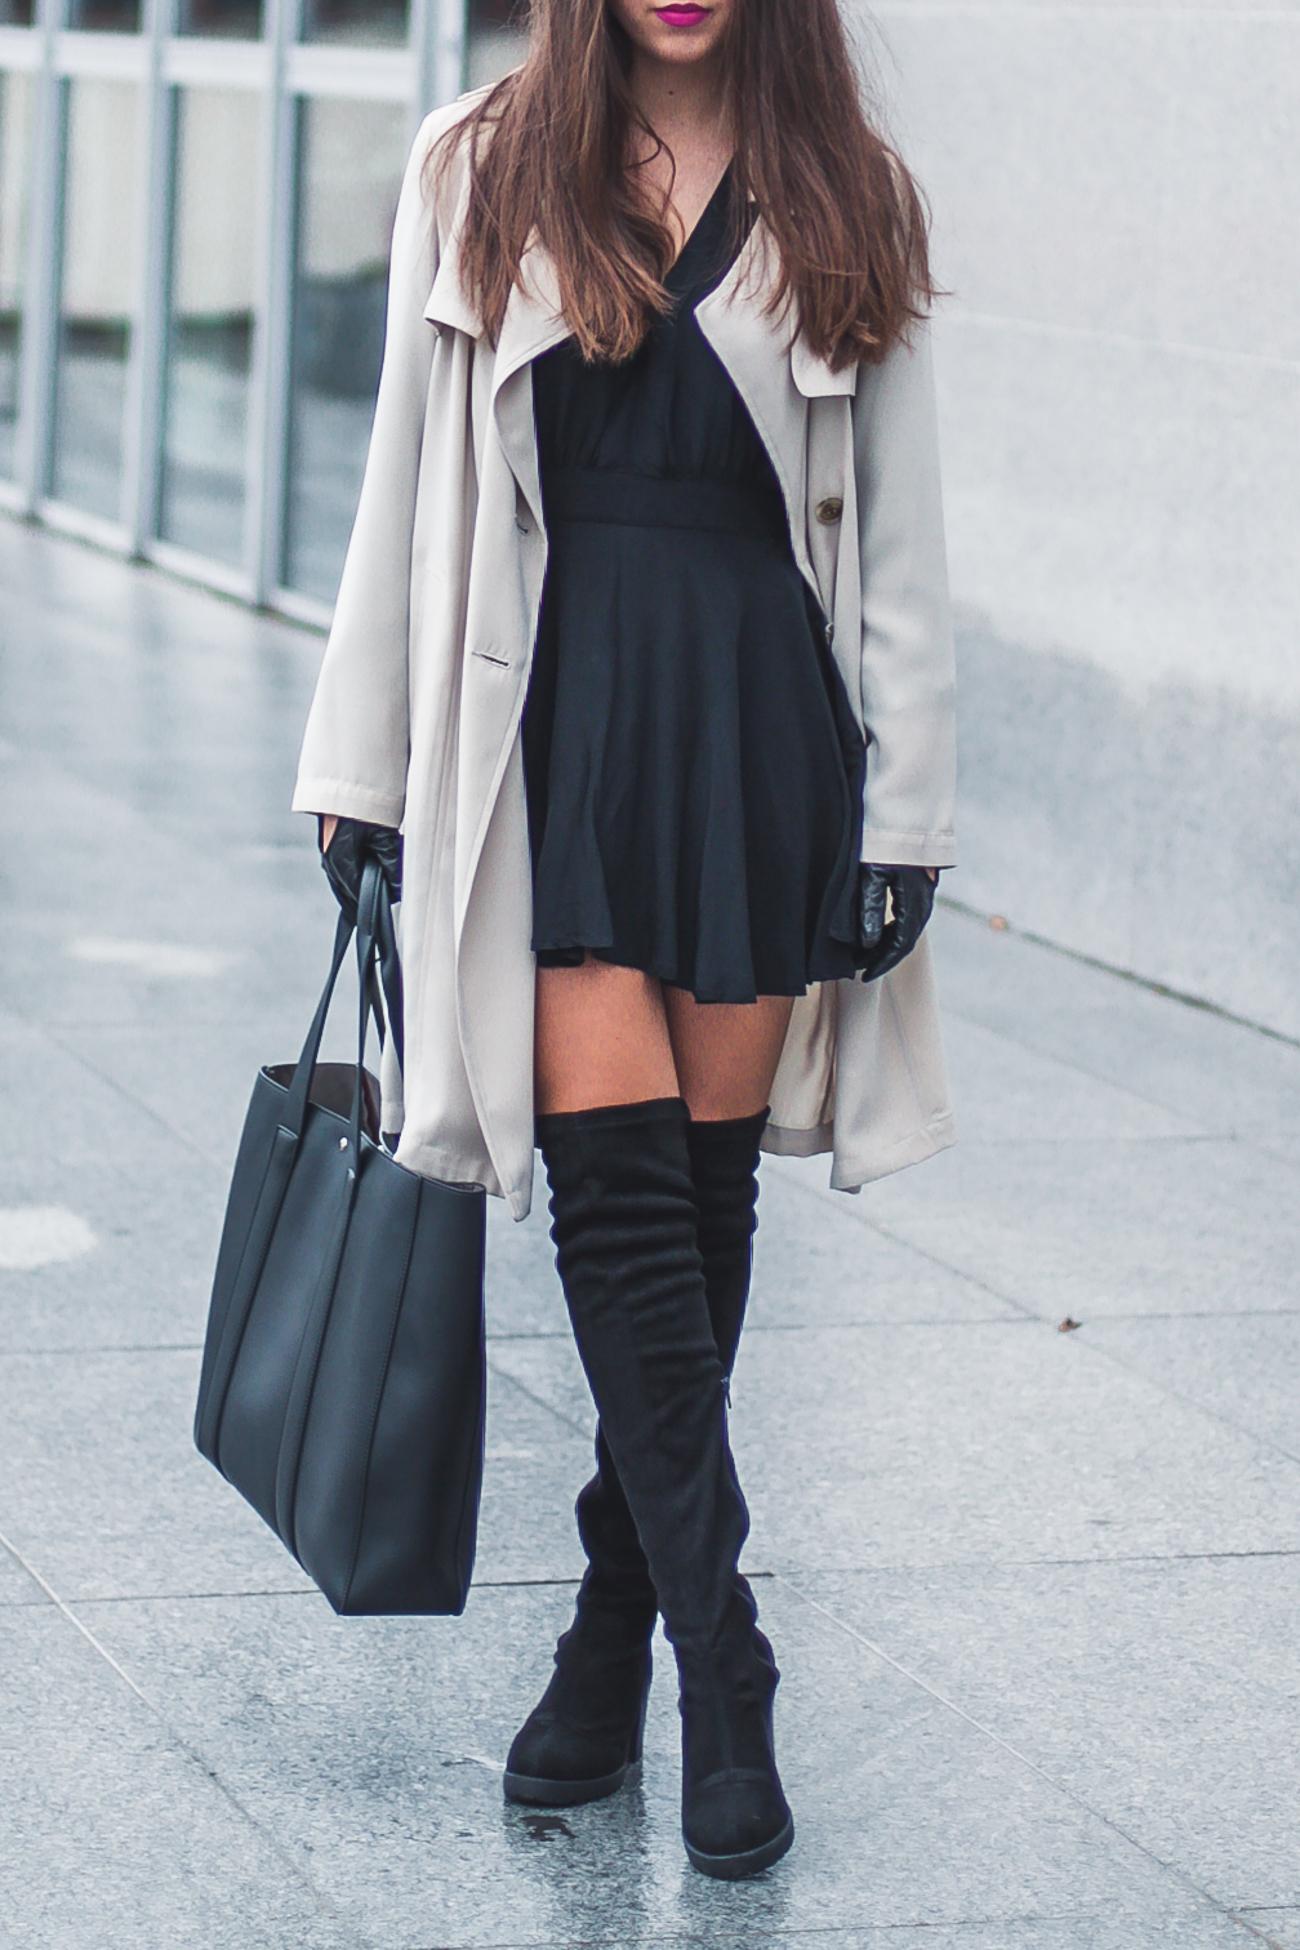 czarne kozaki za kolano deezee stylizacja